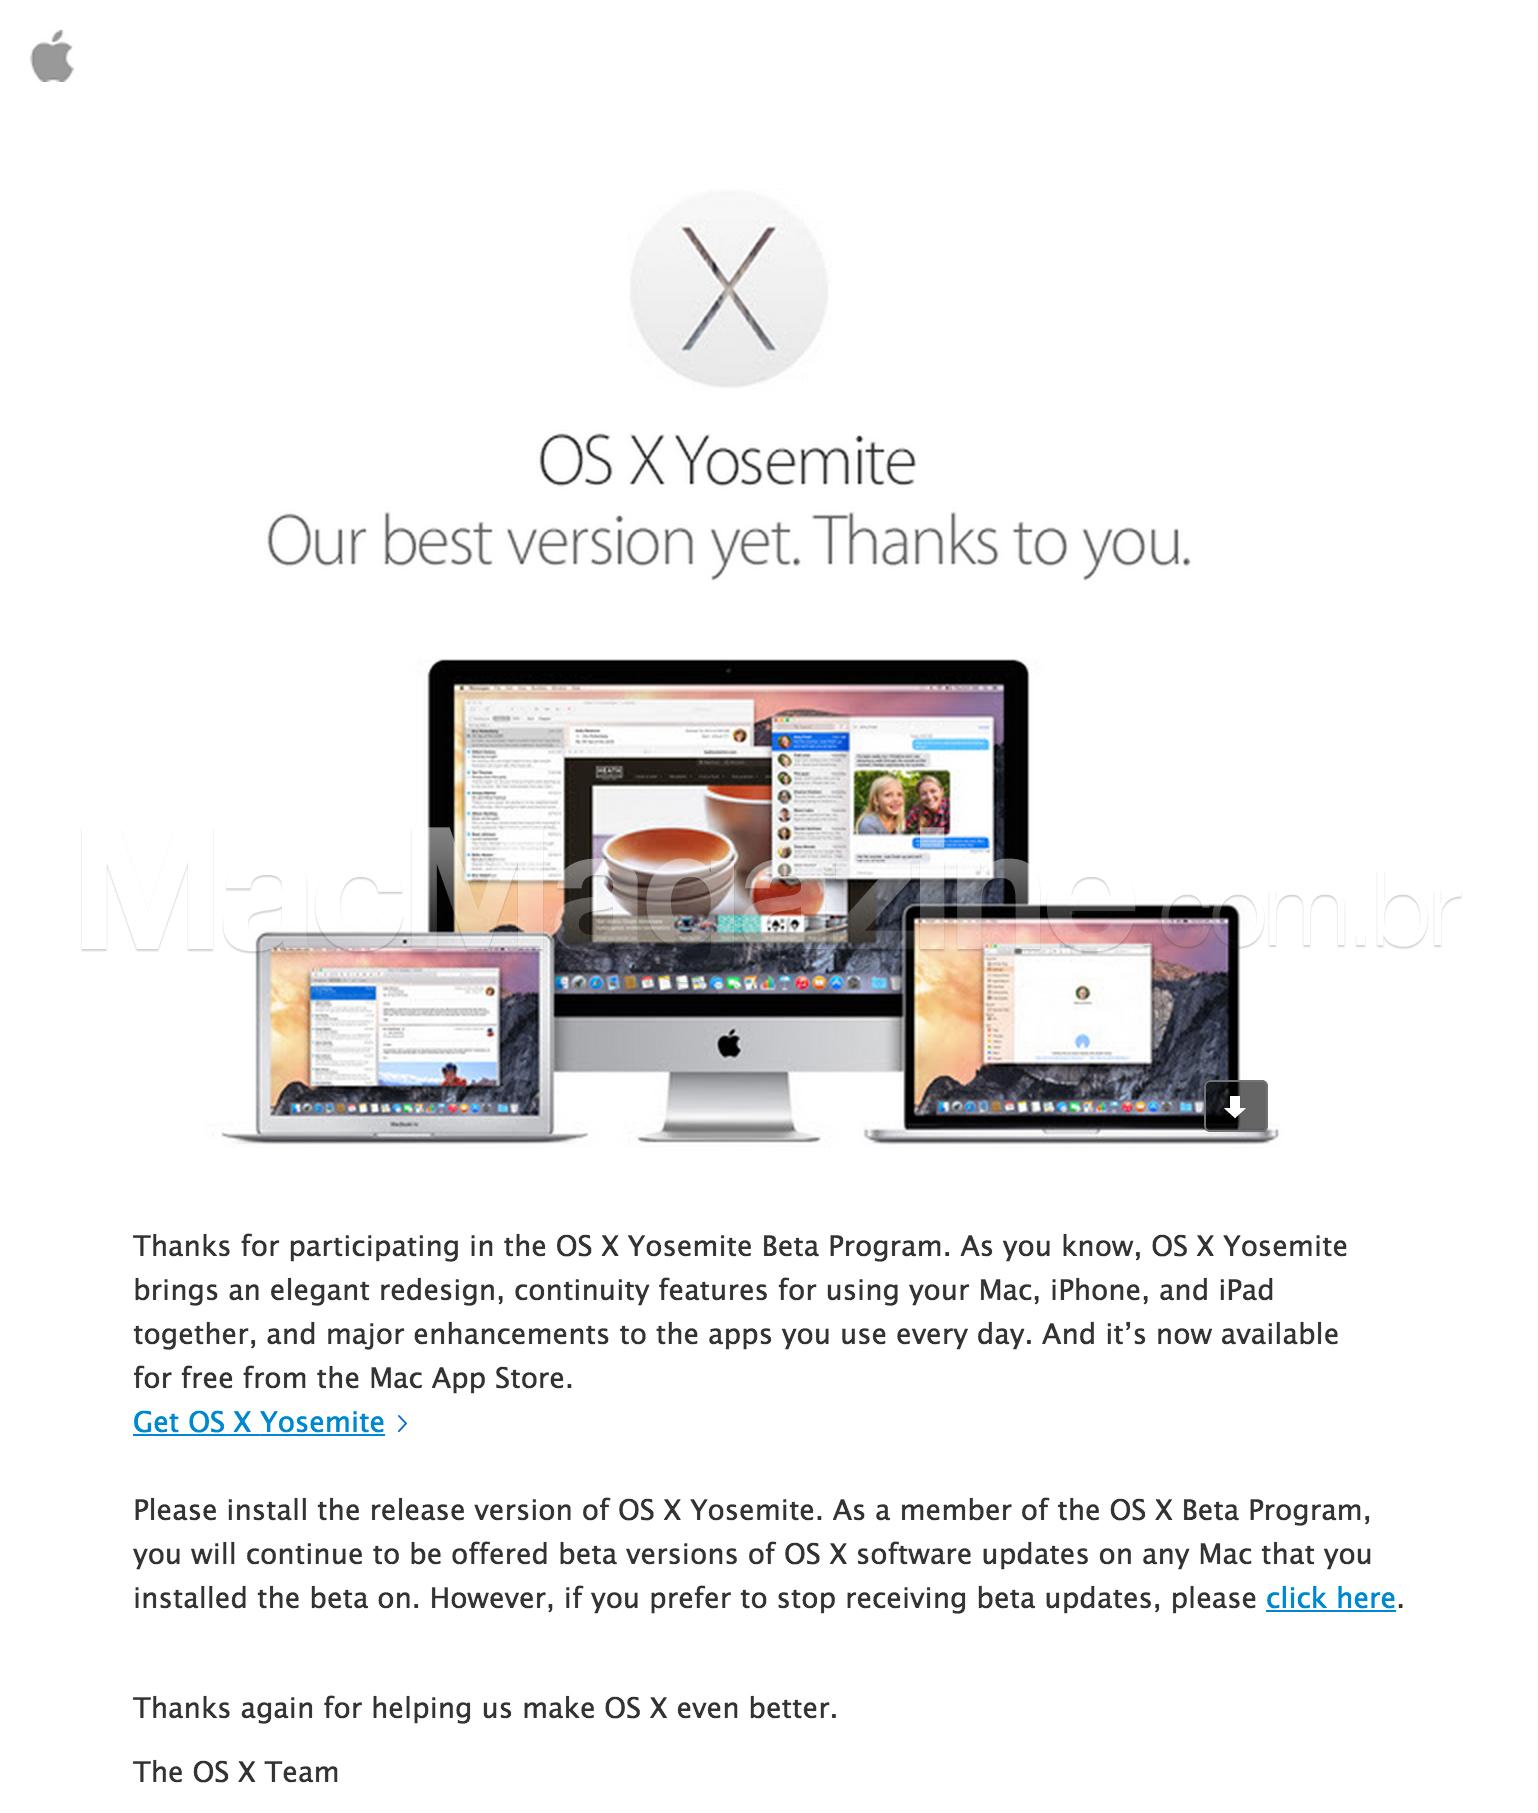 Mensagem sobre o OS X Beta Program